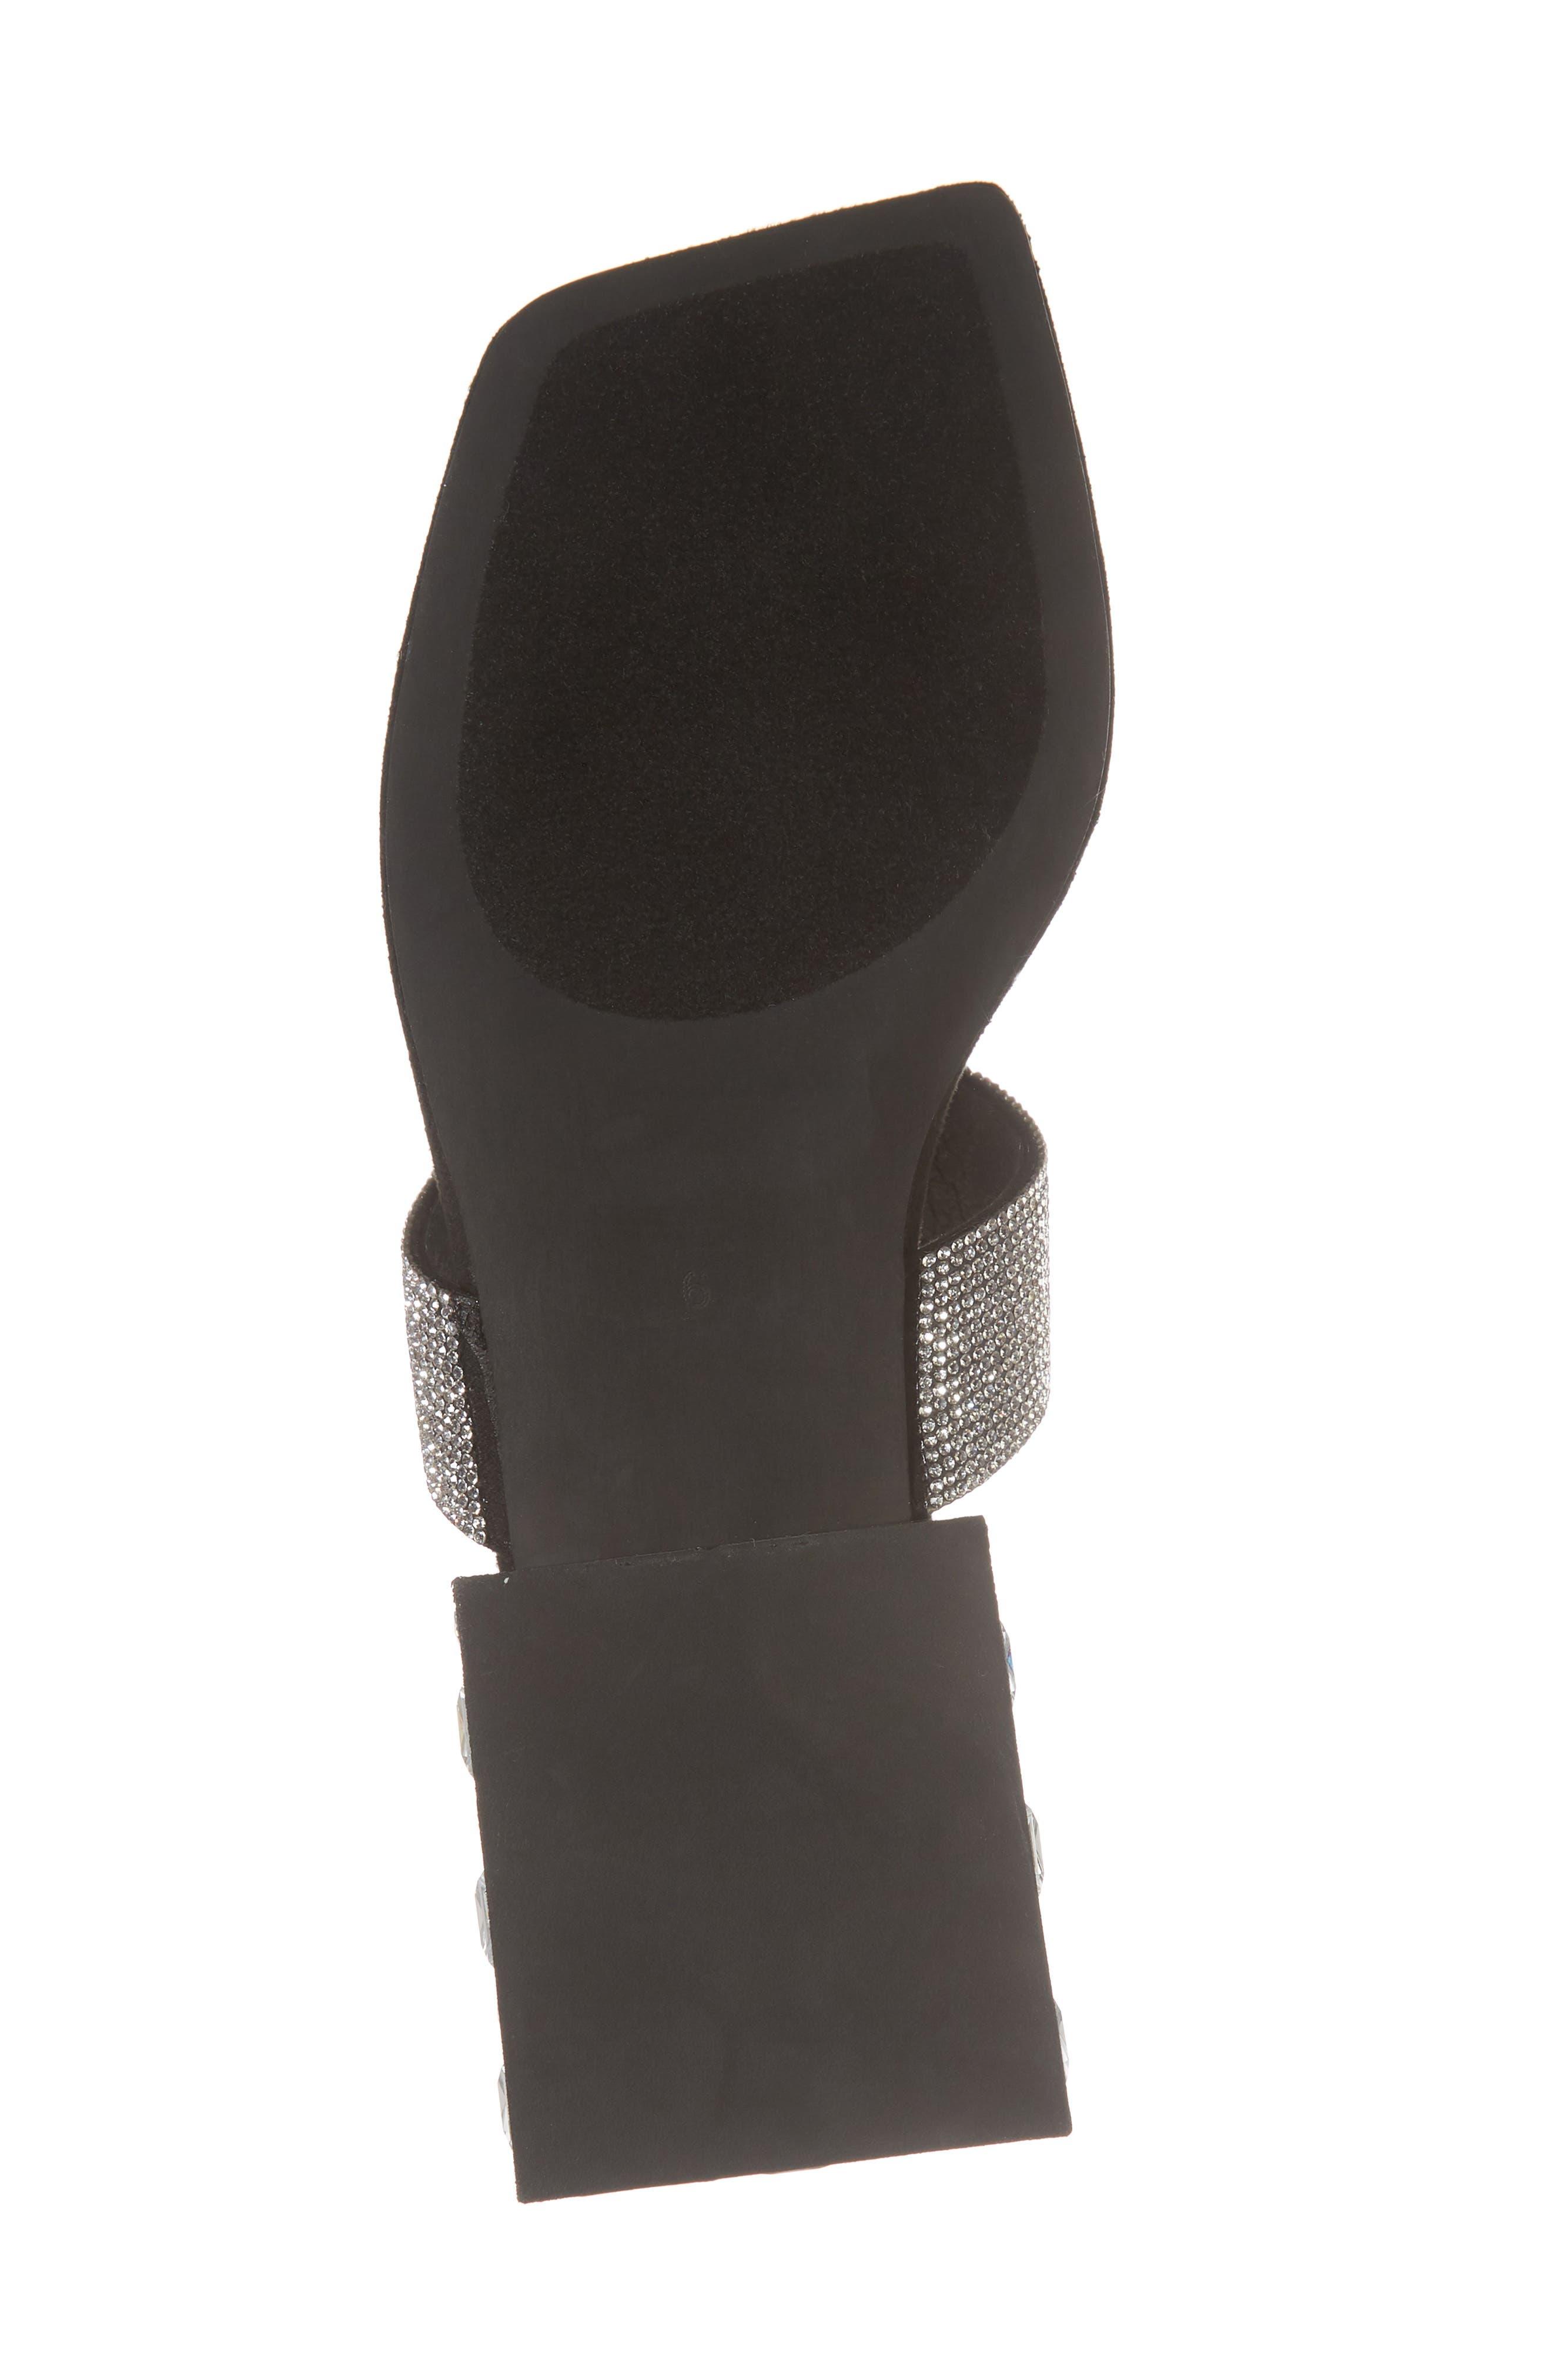 Alise Embellished Sandal,                             Alternate thumbnail 6, color,                             Black Suede/ Silver